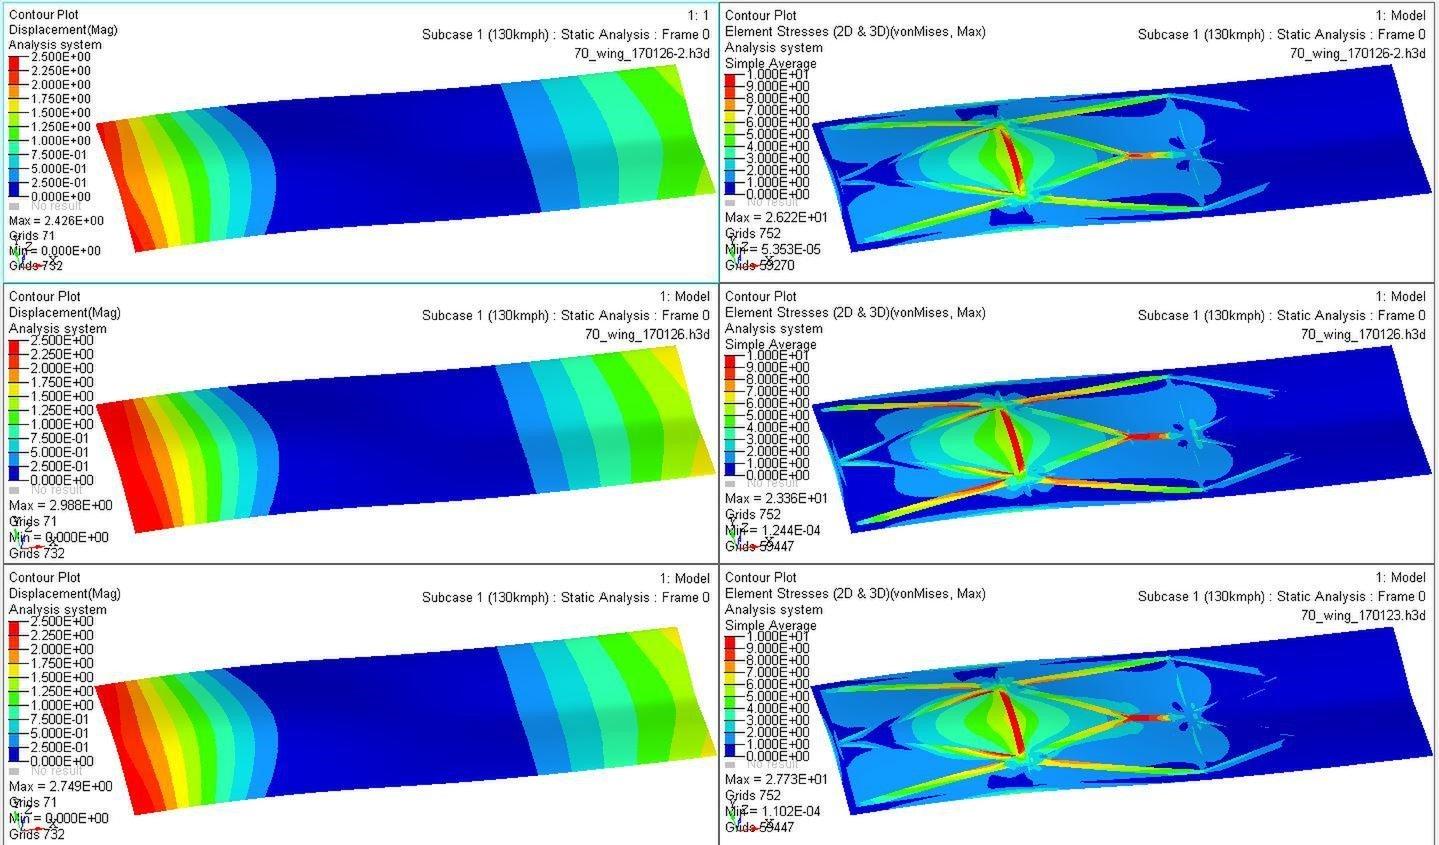 ソーラーカーのソーラーパネル羽の構造解析結果(縦方向の補強UD材なし)